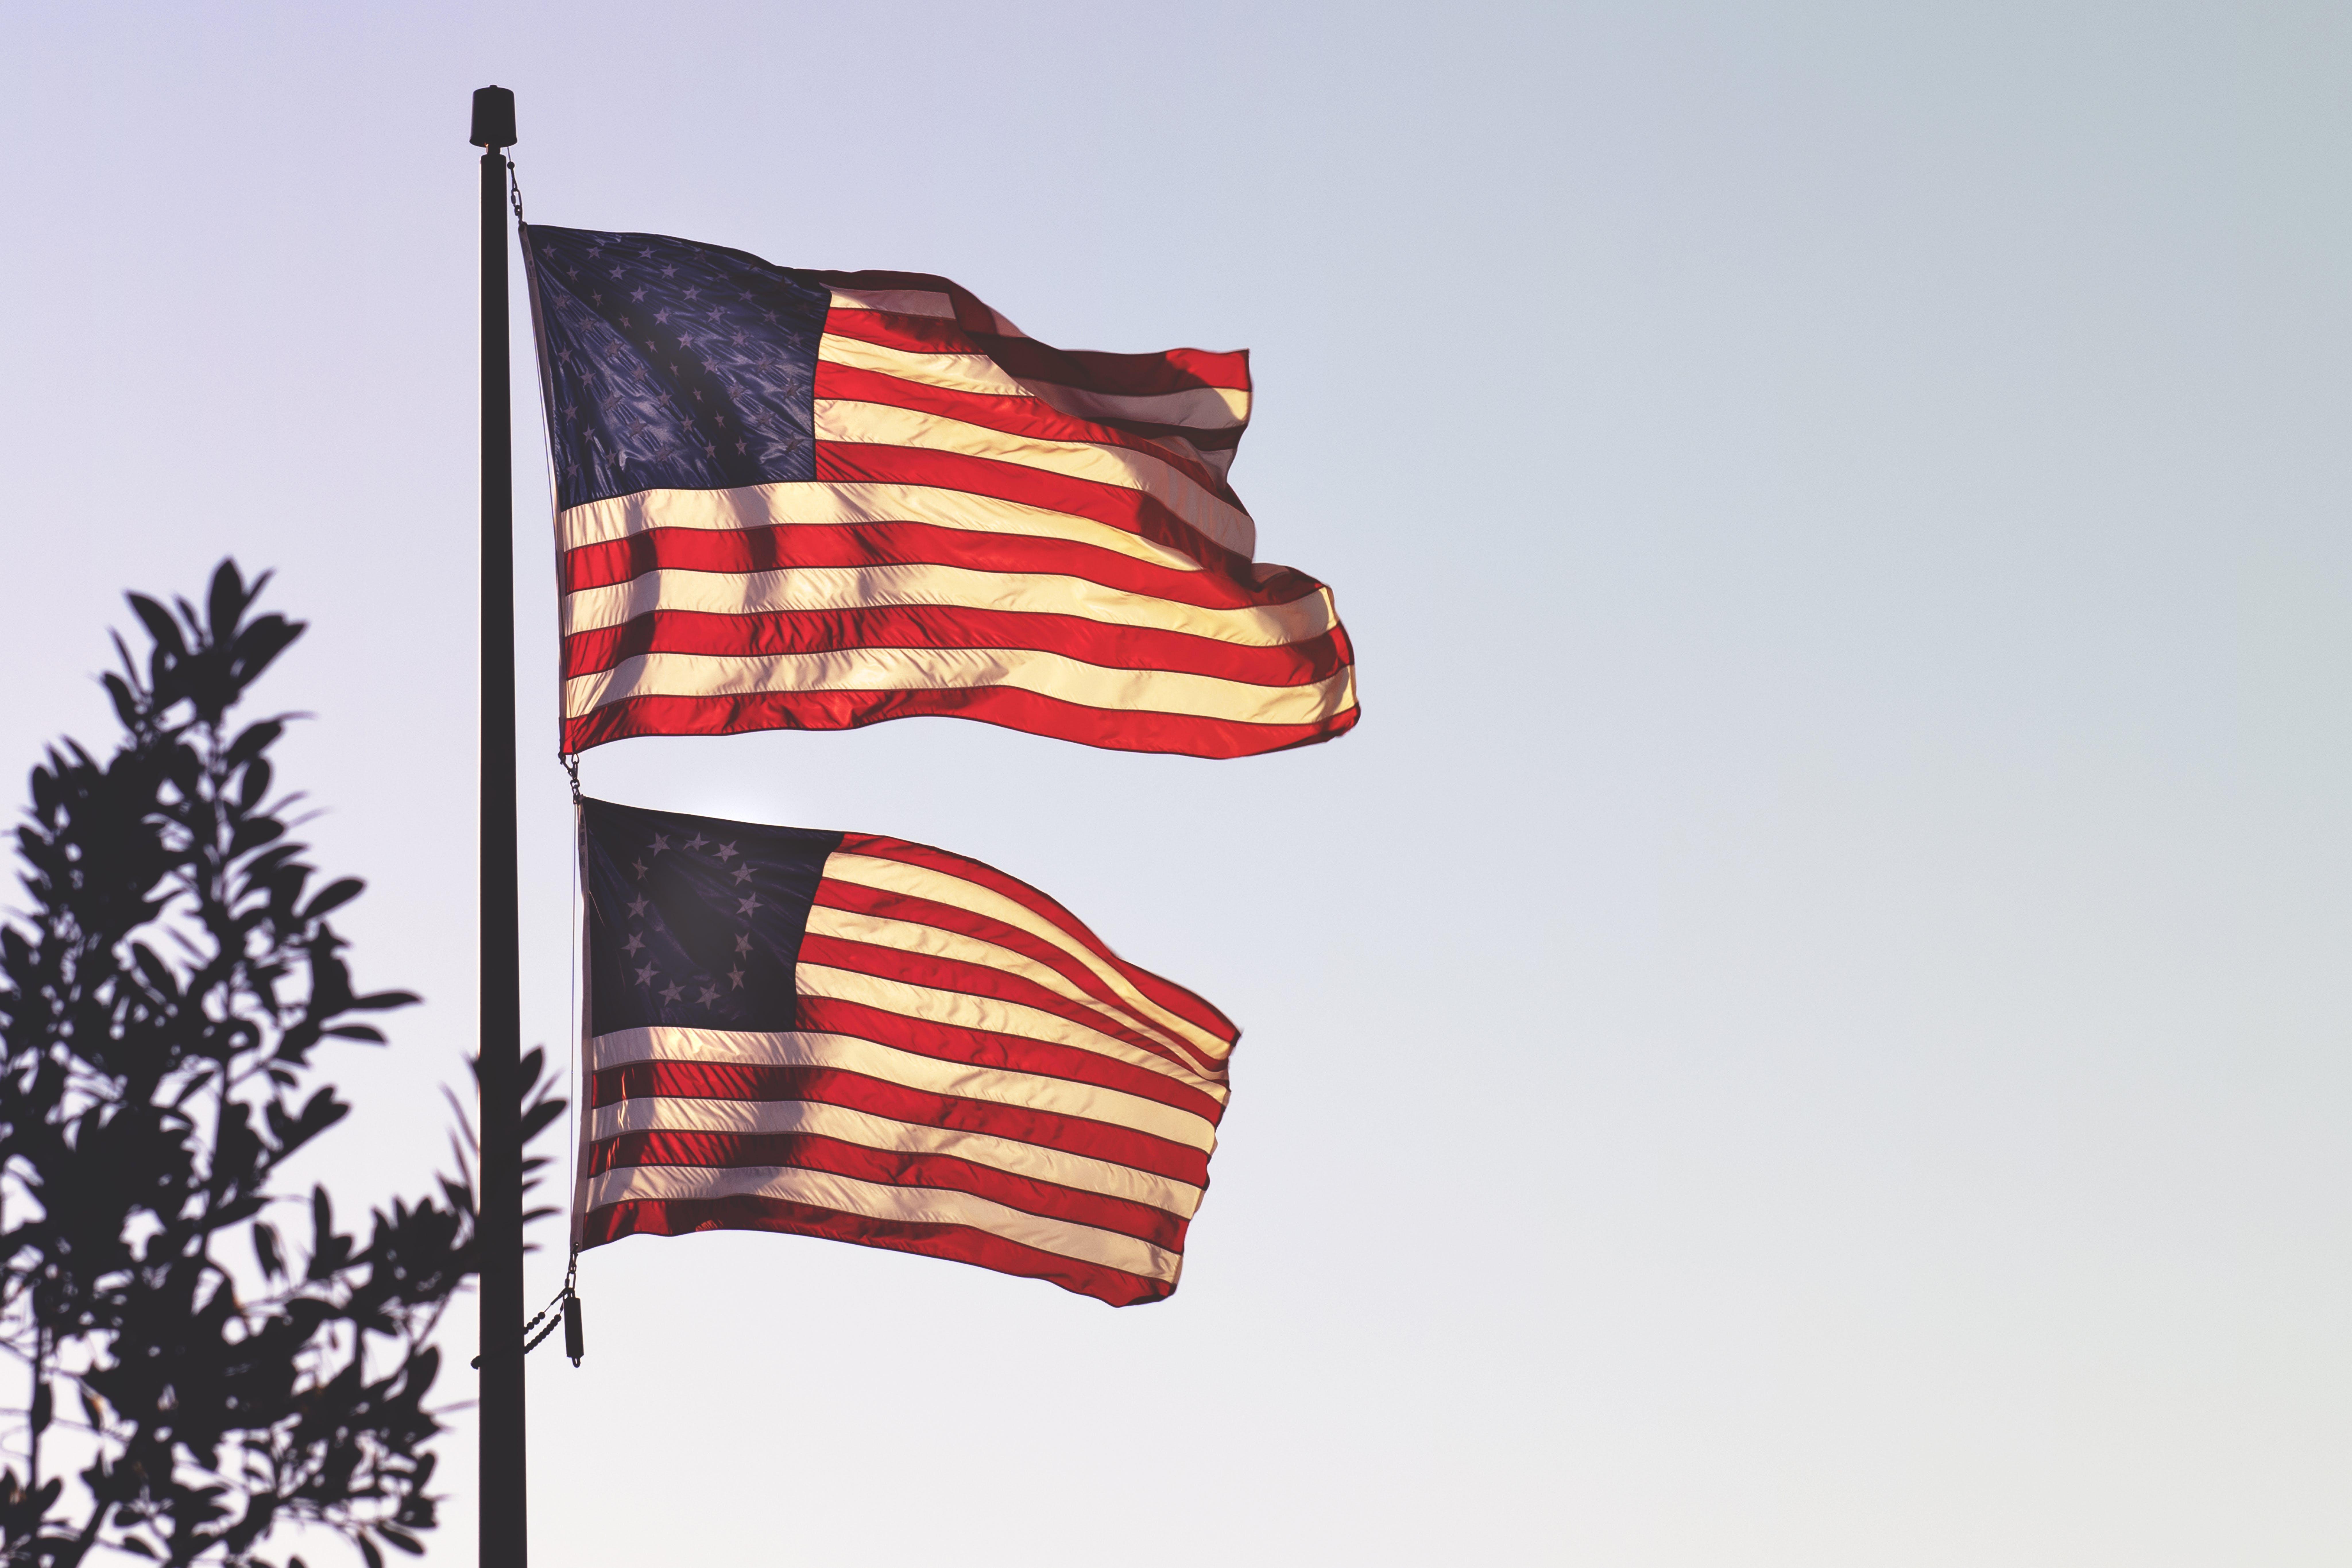 アメリカ, アメリカの国旗, アメリカ合衆国